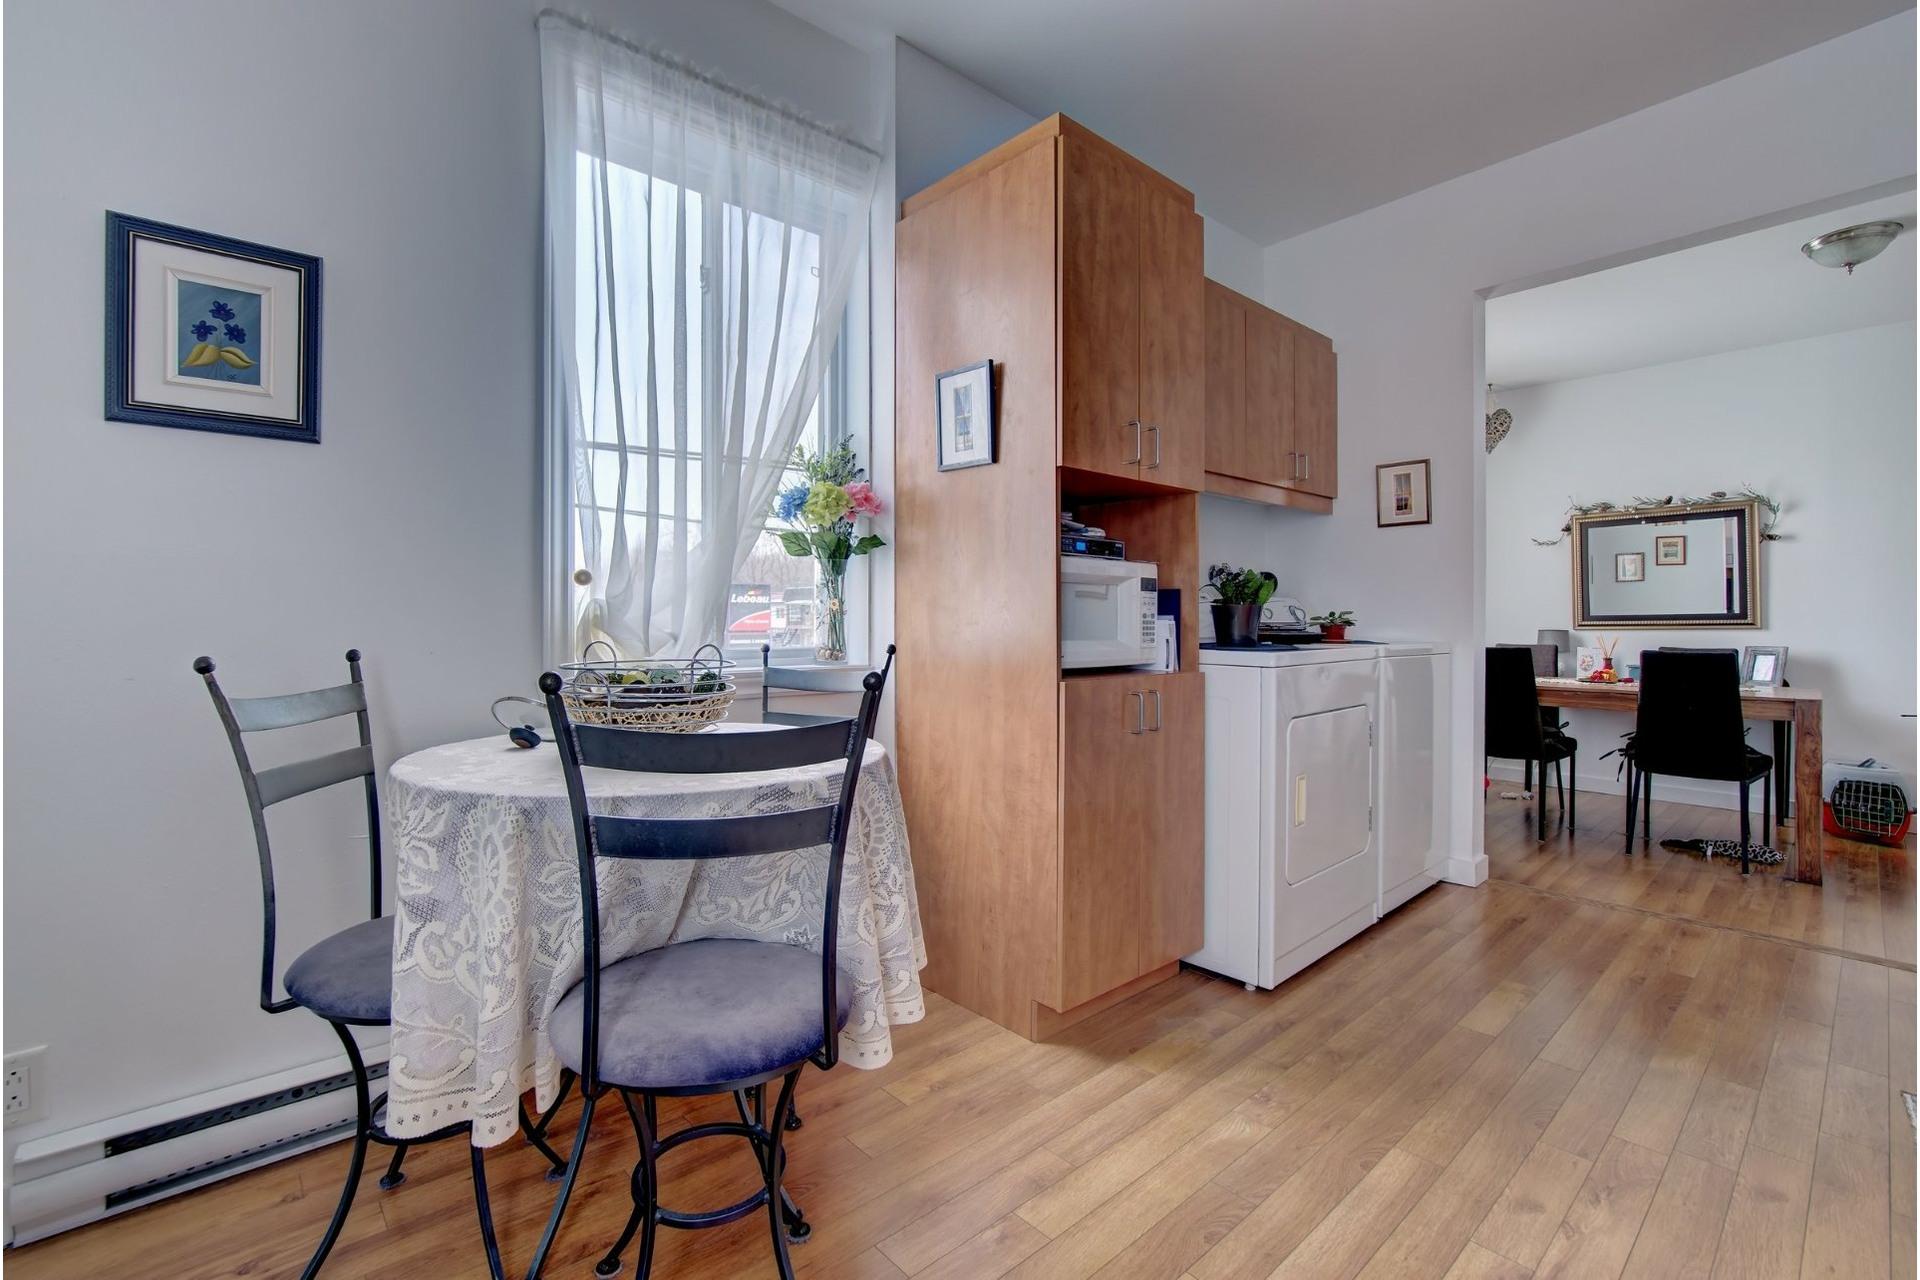 image 8 - Quadruplex For sale Rivière-des-Prairies/Pointe-aux-Trembles Montréal  - 4 rooms